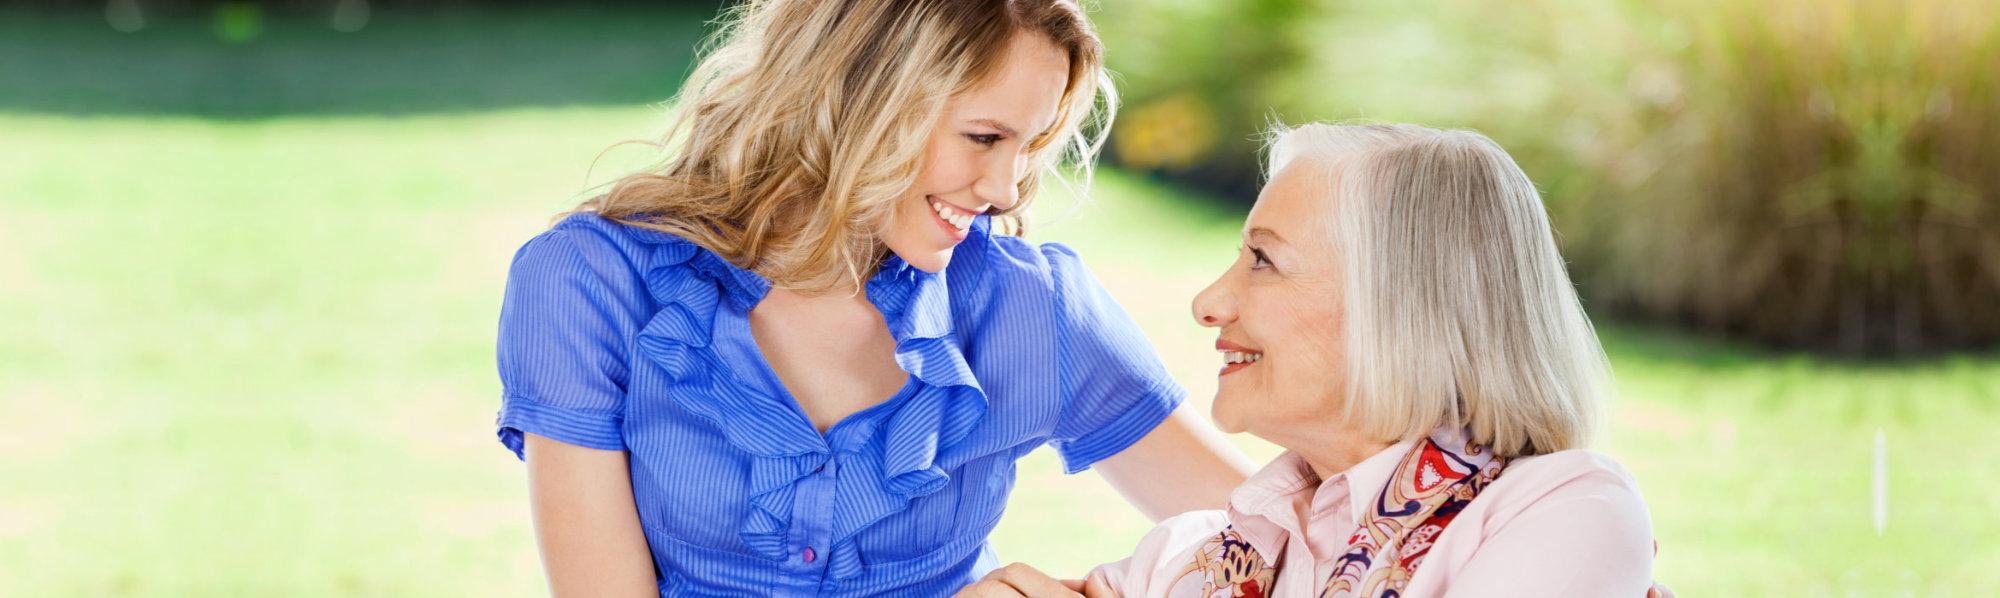 elder with daughter